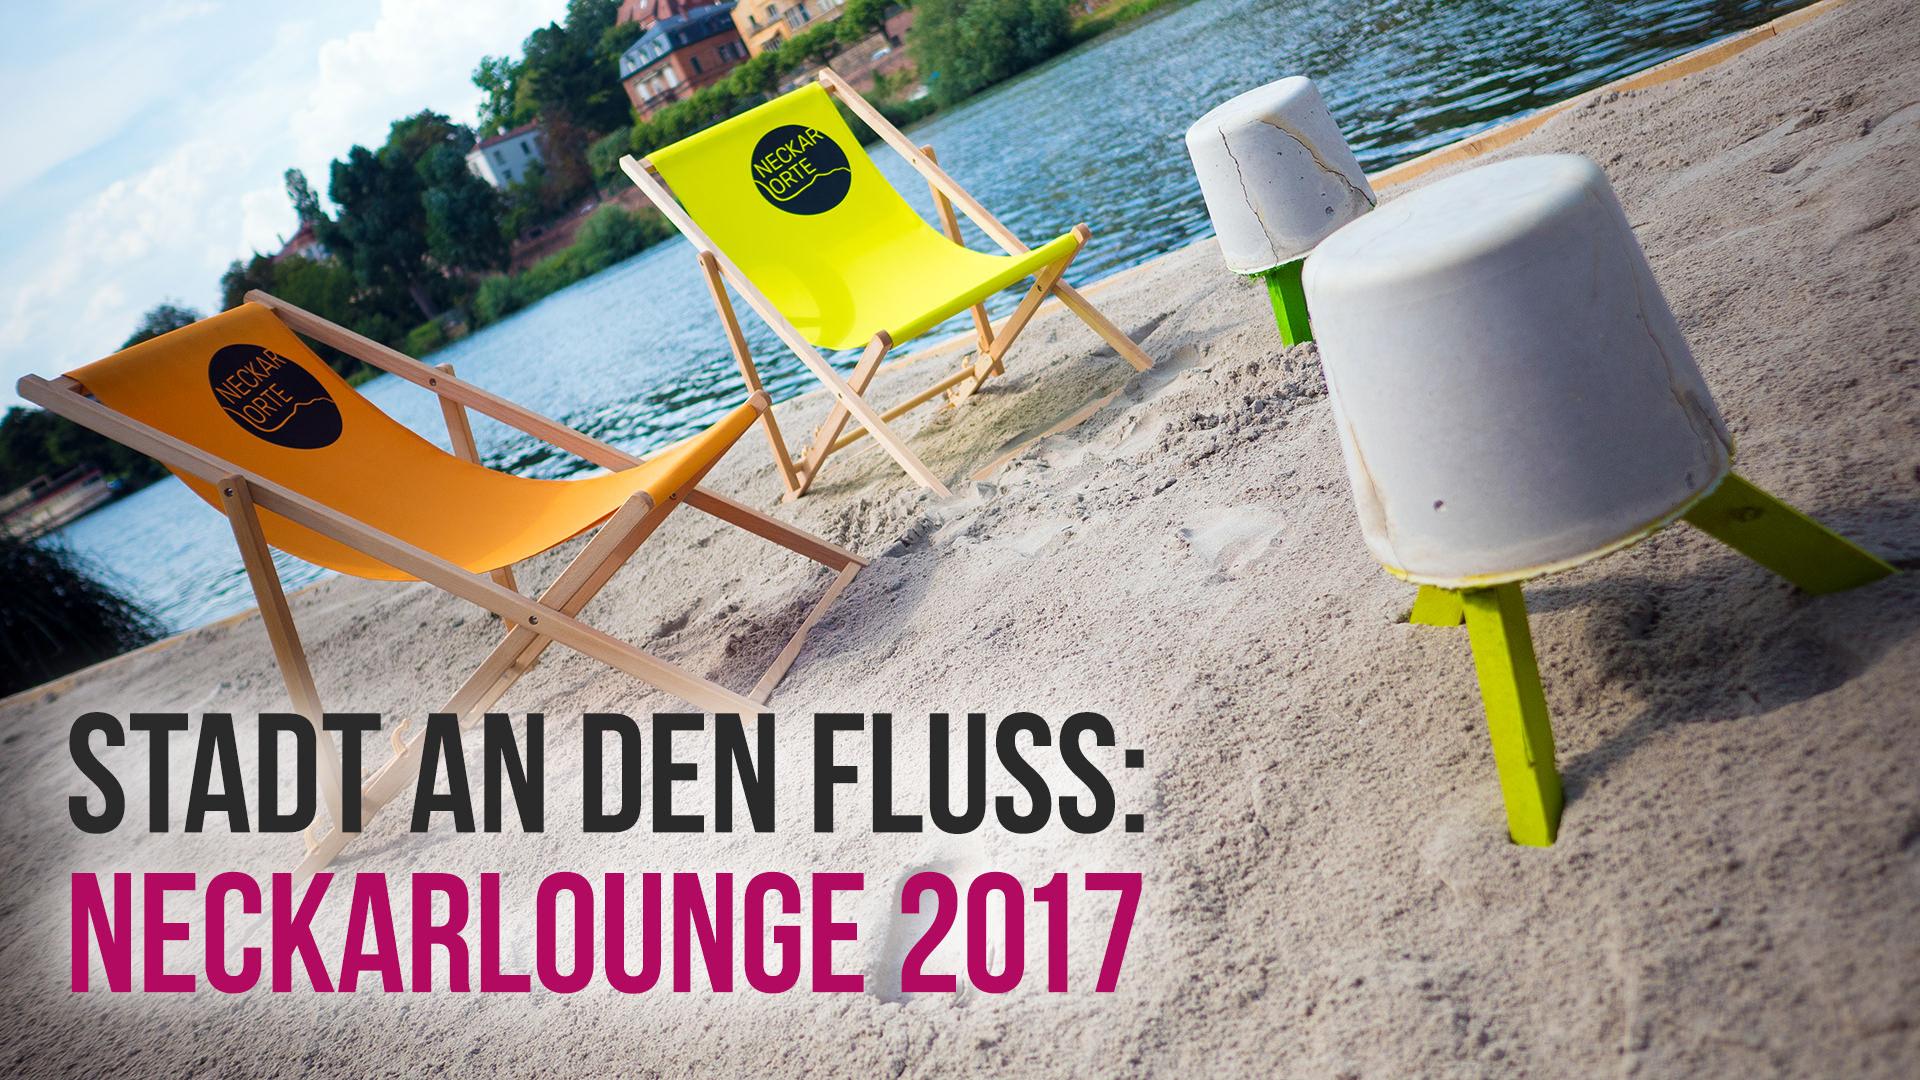 NeckarLounge 2017